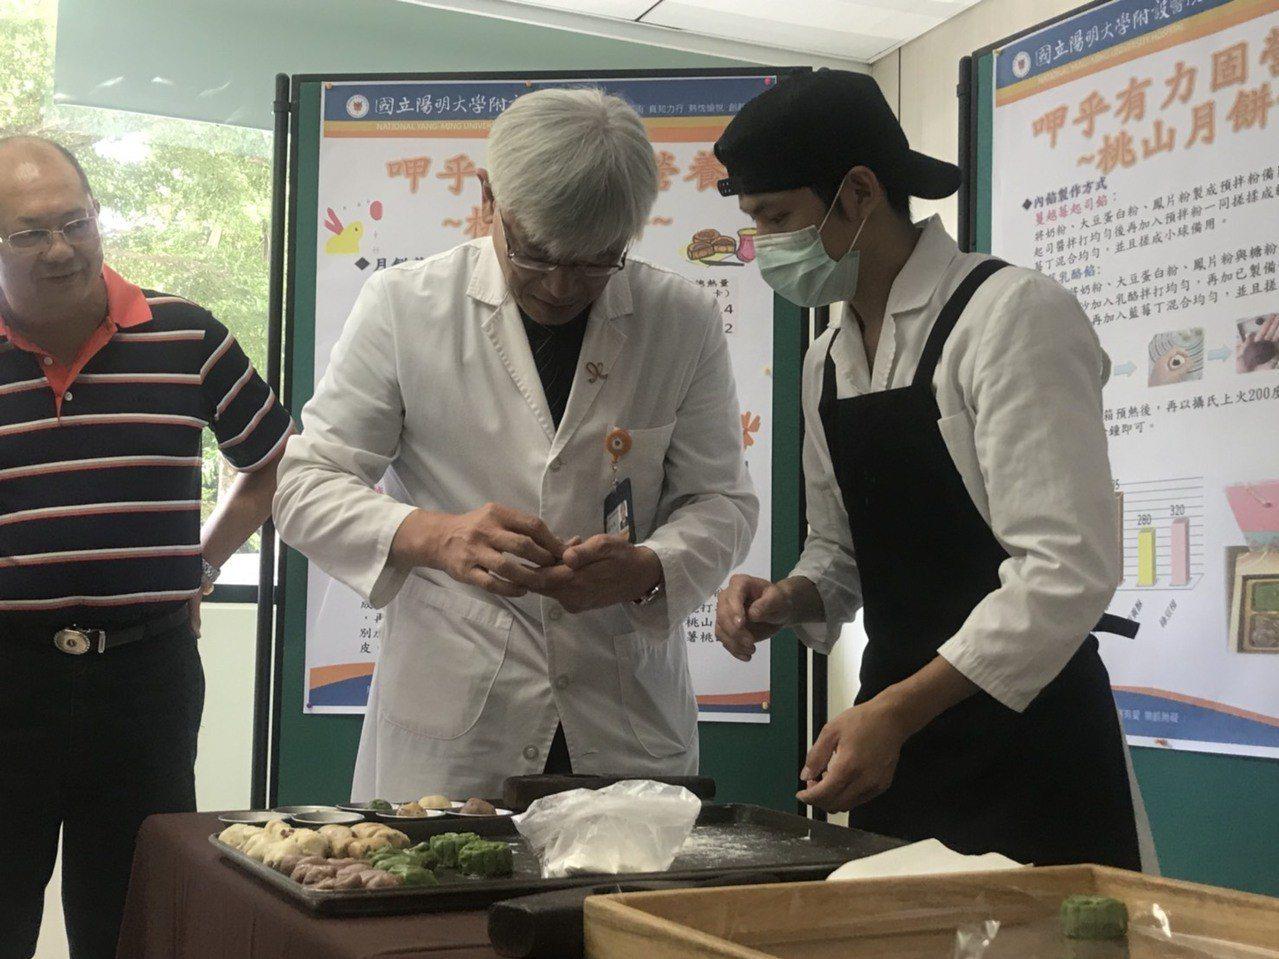 陽明大學附設醫院今天就在新民院區失智共照中心,舉辦月餅DIY與品嘗,營養師團隊並...